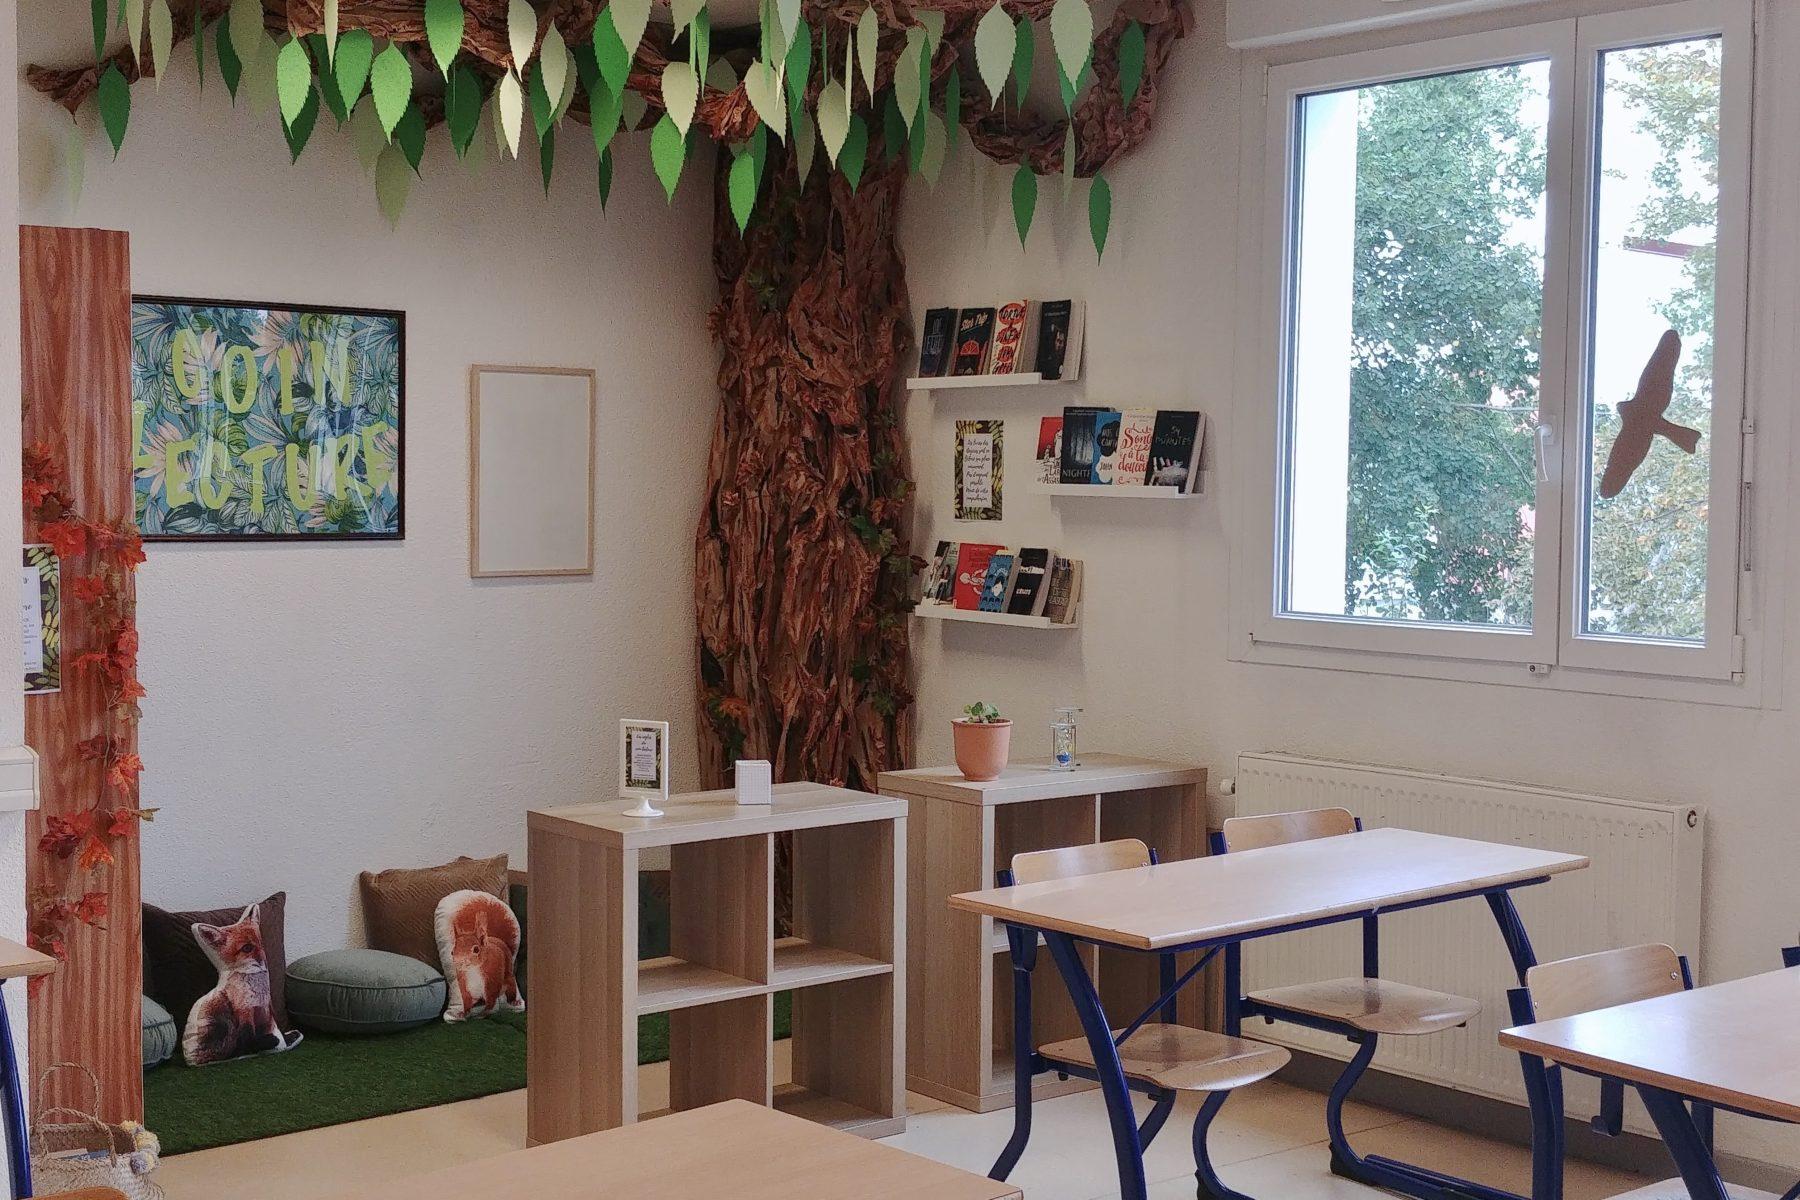 reading corner in classroom tree read books school salle de classe cdi coin lecture